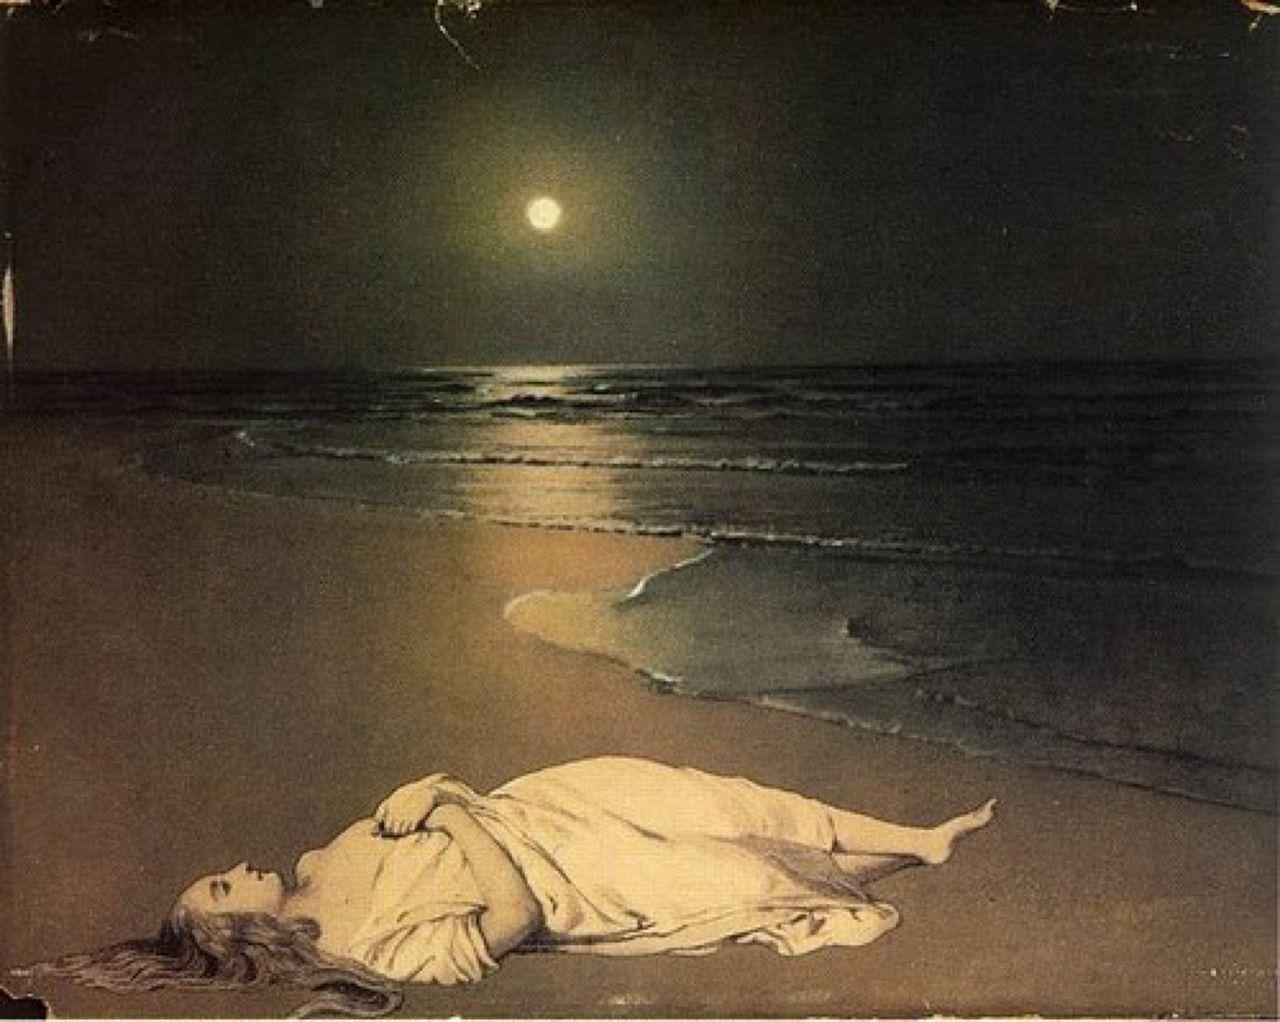 'La Lune' - jacques Prevert